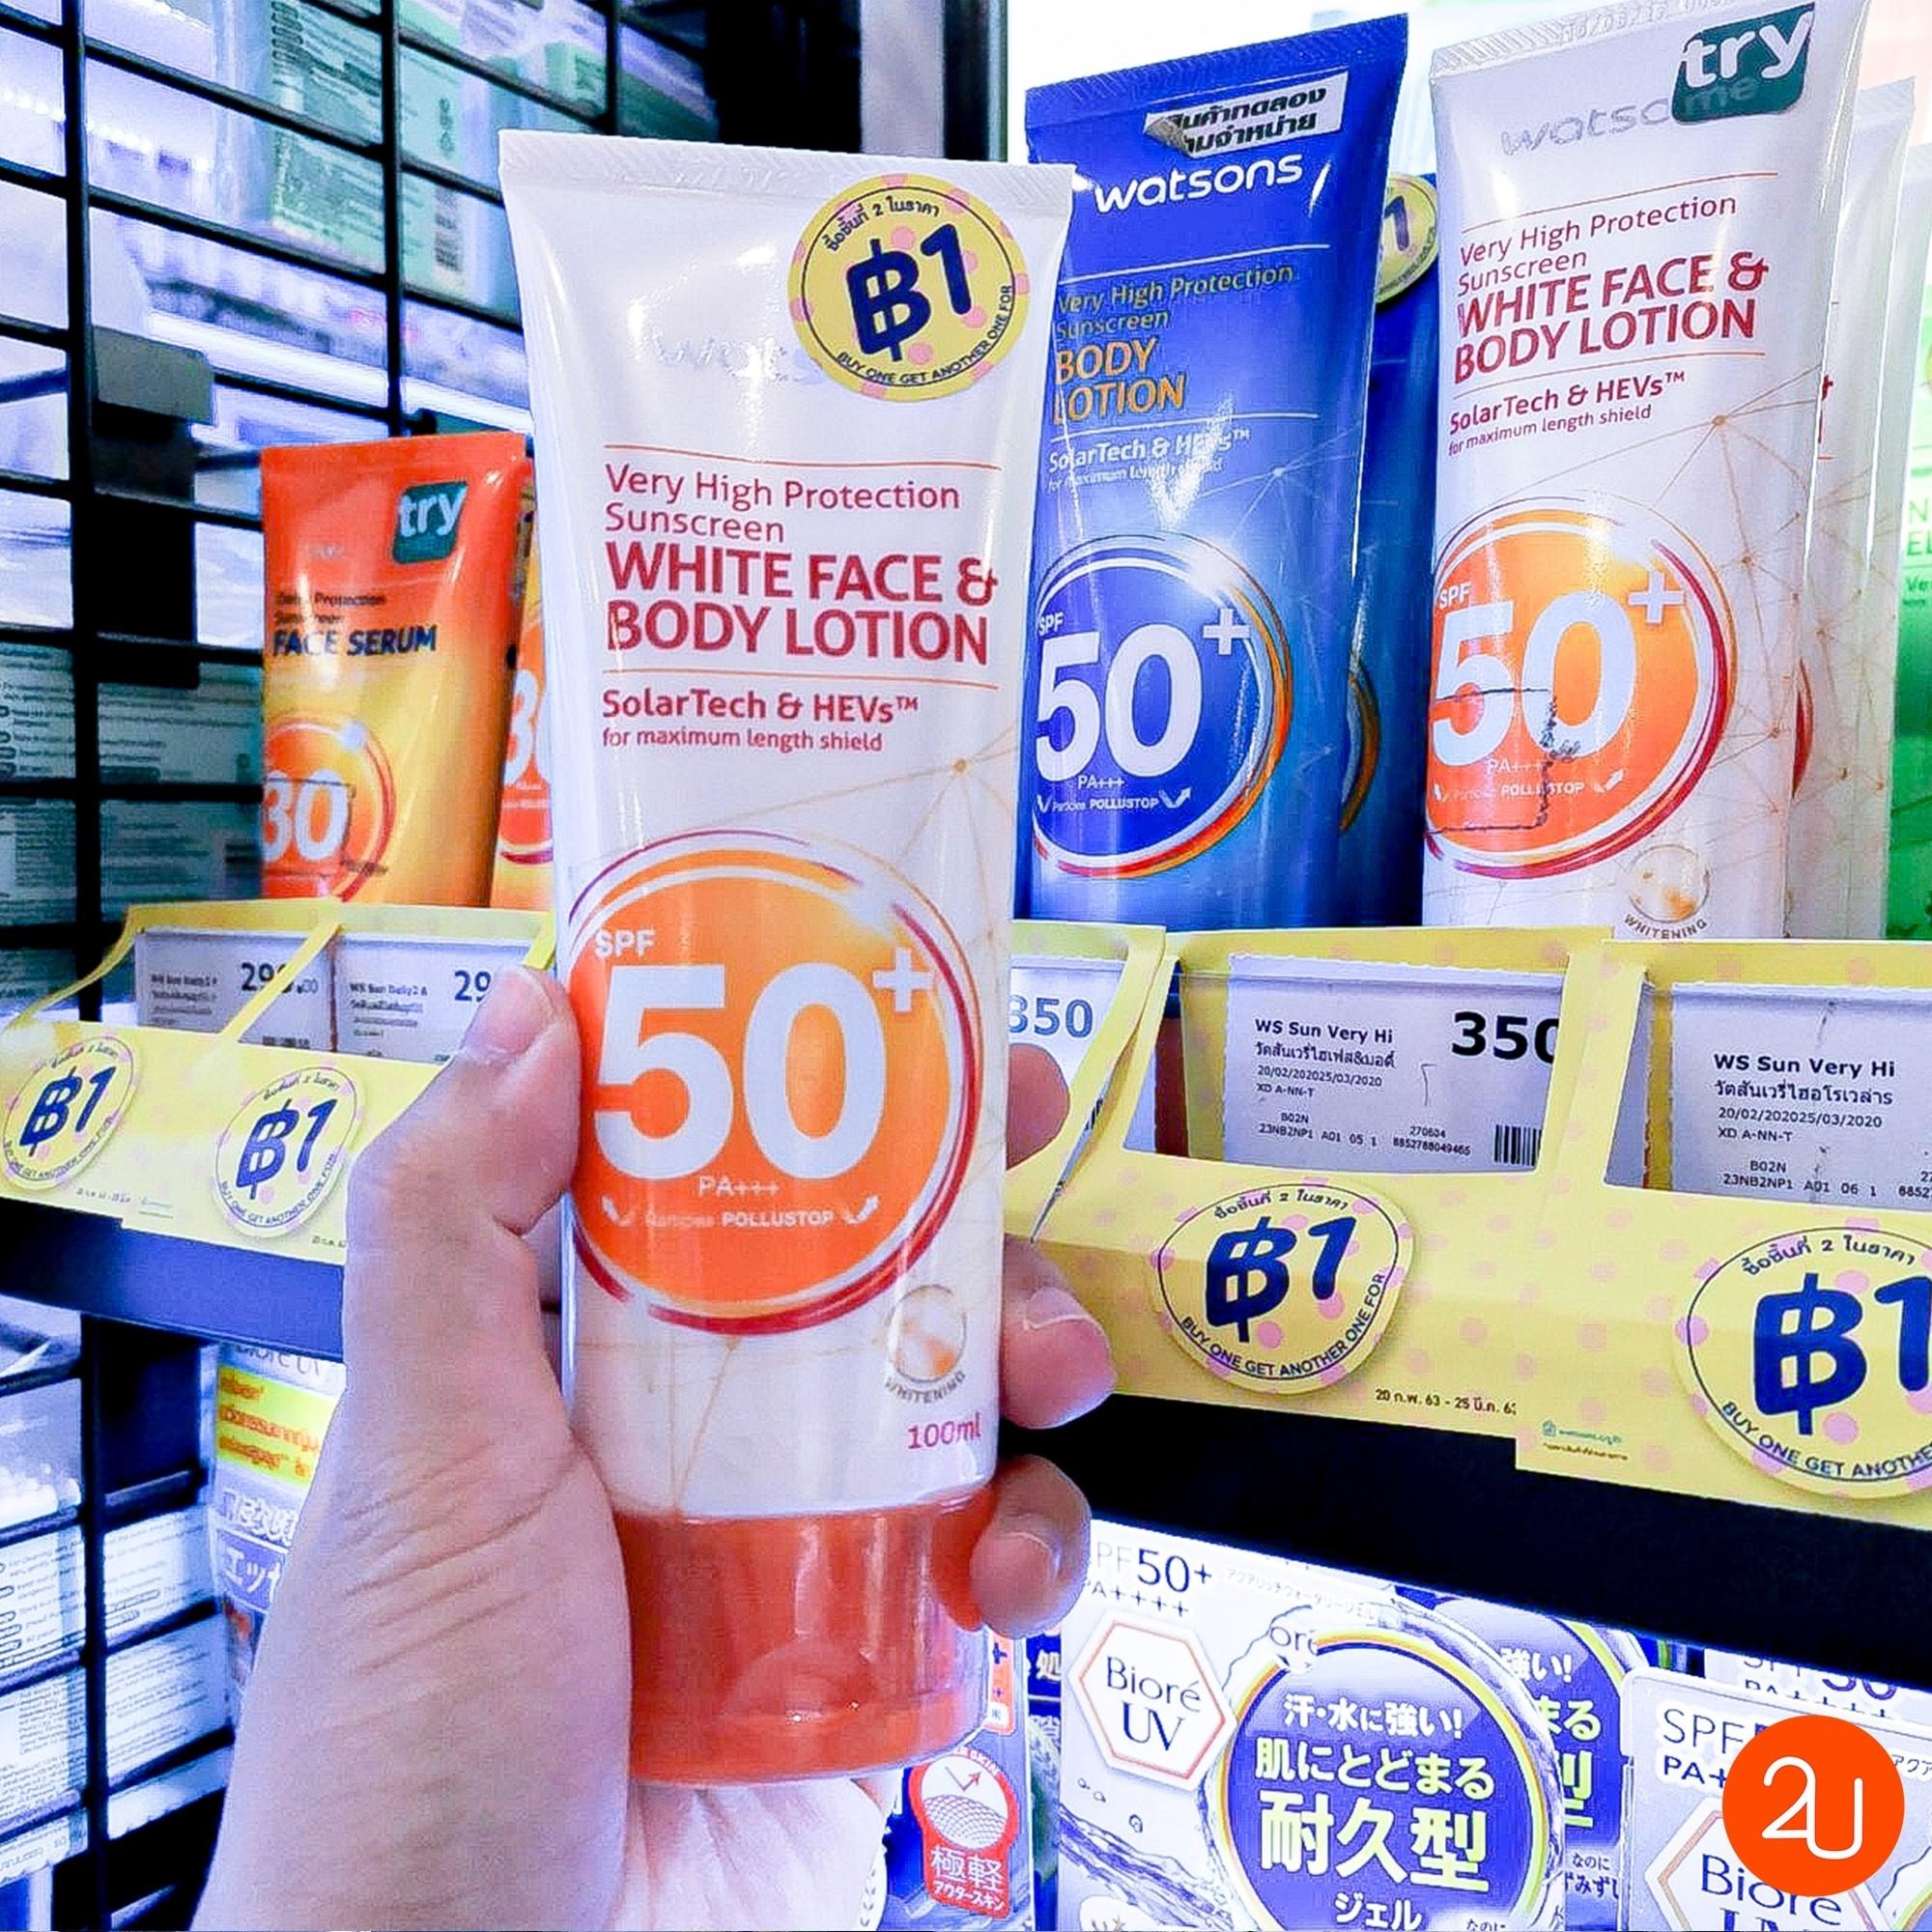 sunscreen by watsons